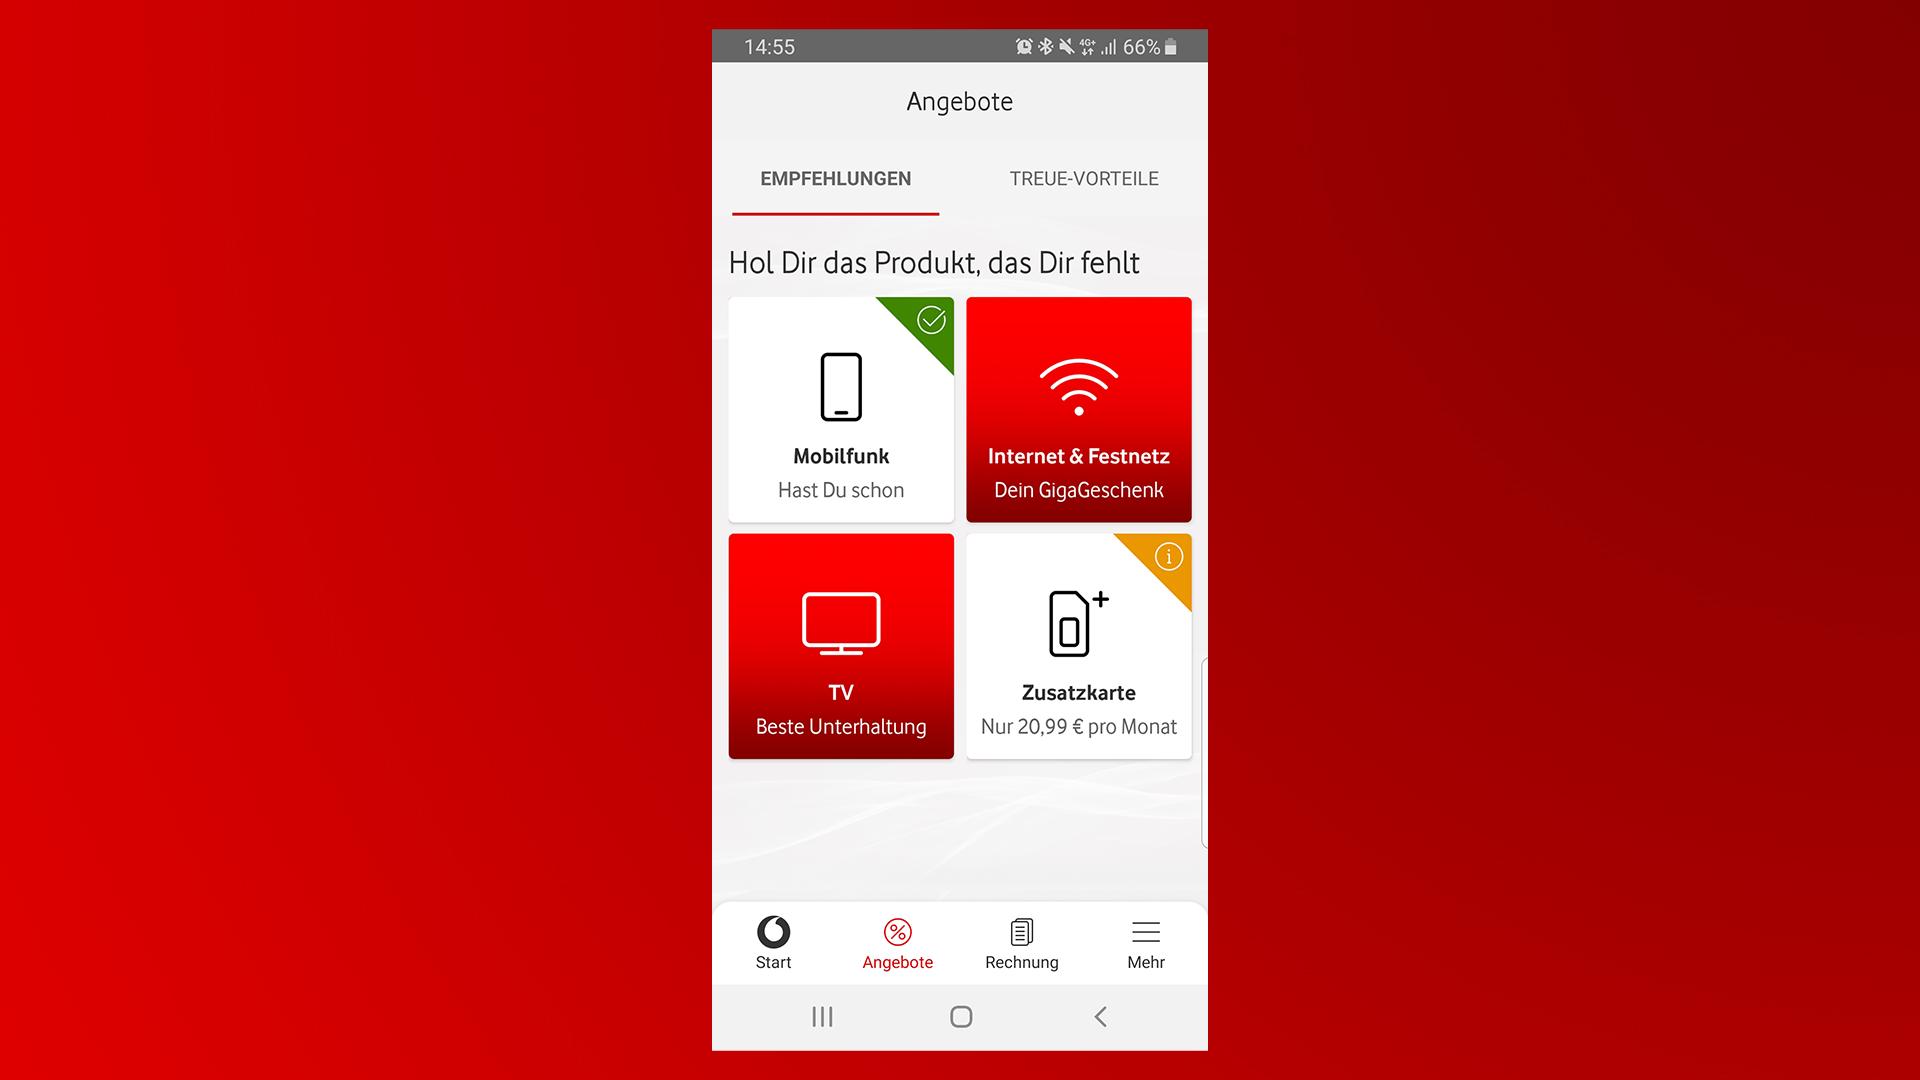 Der Login in der MeinVodafone-App.